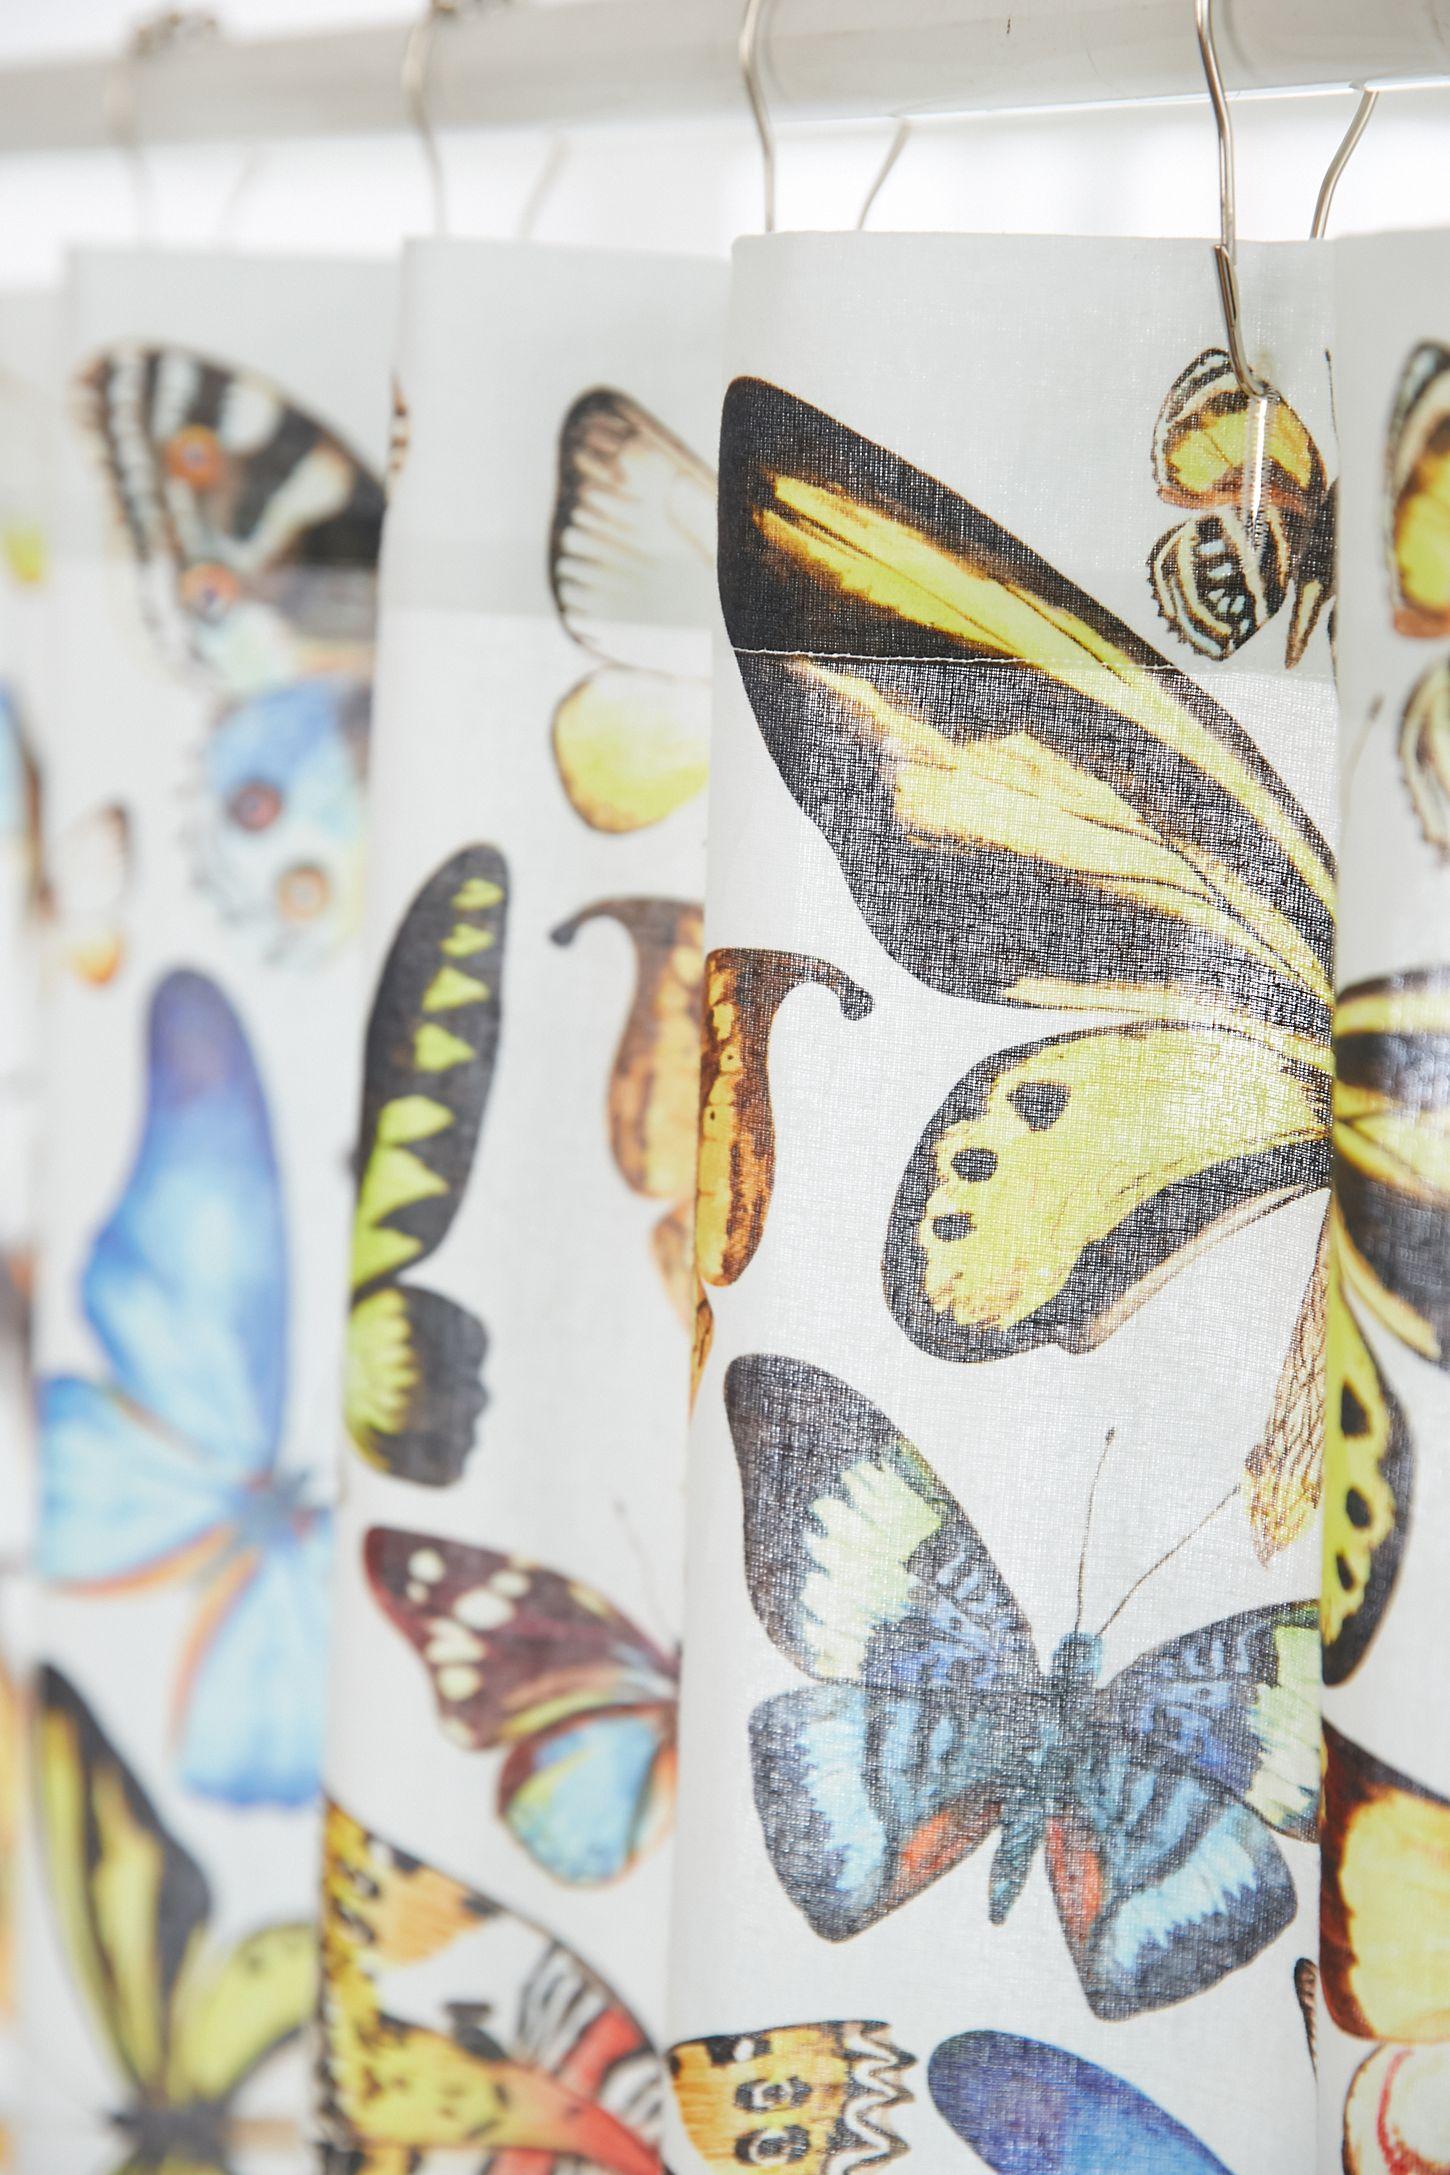 Slide View 3 Plum Bow Entomology Butterflies Shower Curtain